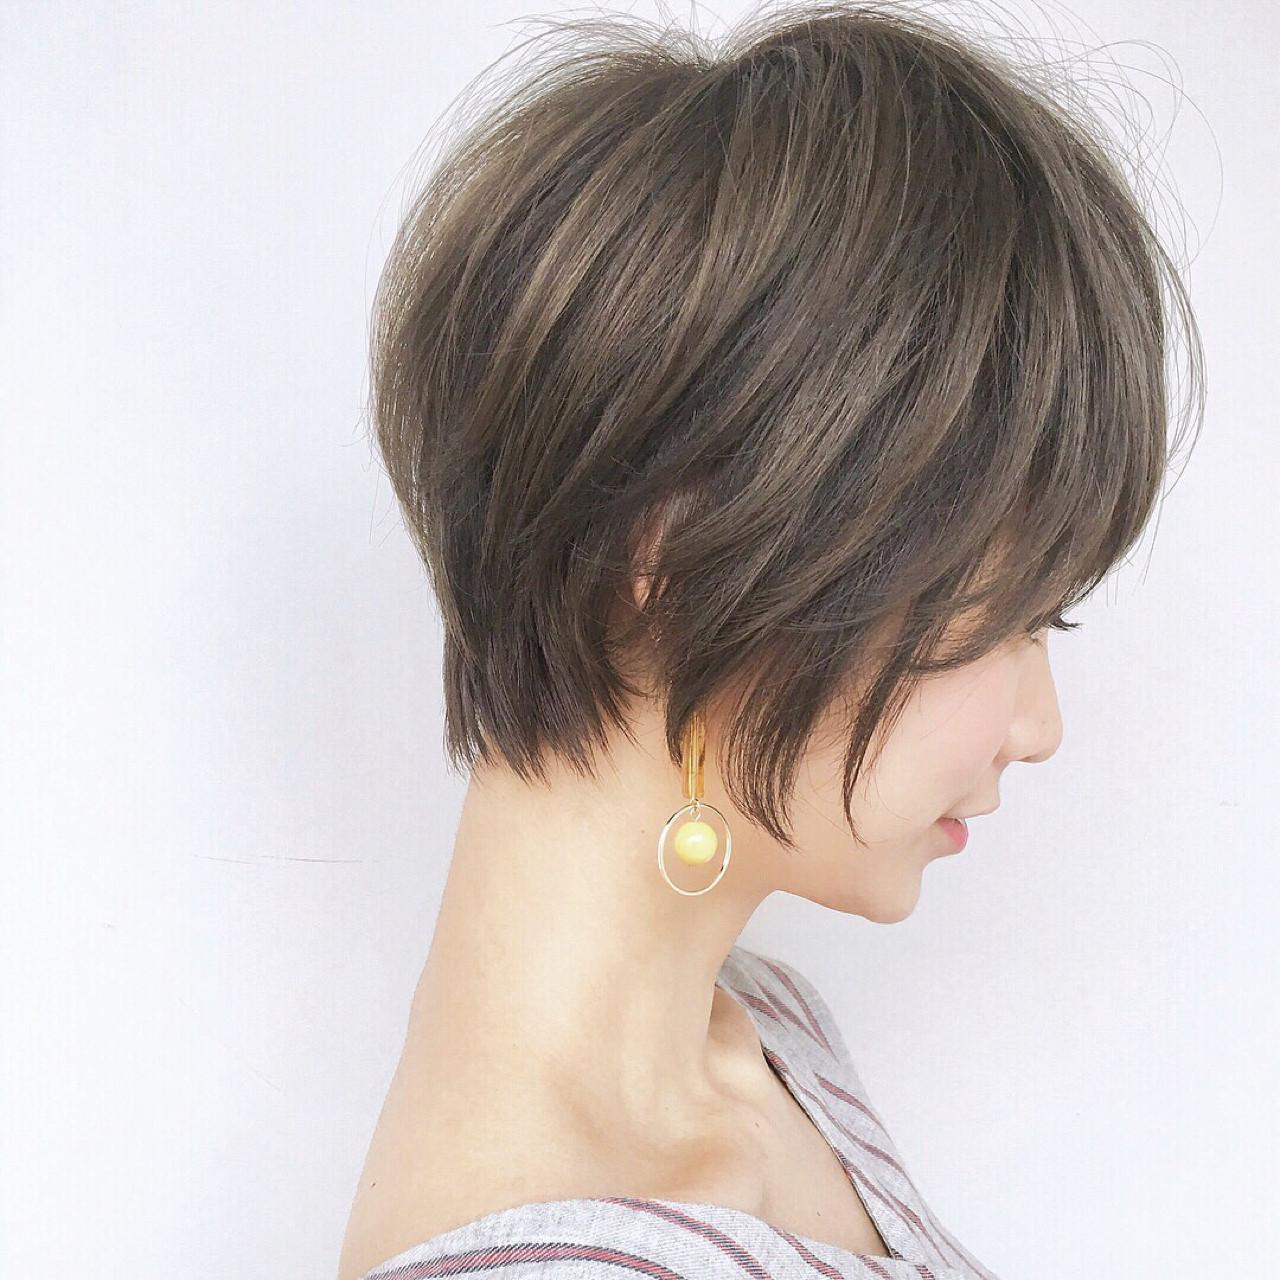 抜け感 ゆるふわ 色気 ナチュラル ヘアスタイルや髪型の写真・画像 | ショートボブの匠【 山内大成 】『i.hair』 / 『 i. 』 omotesando